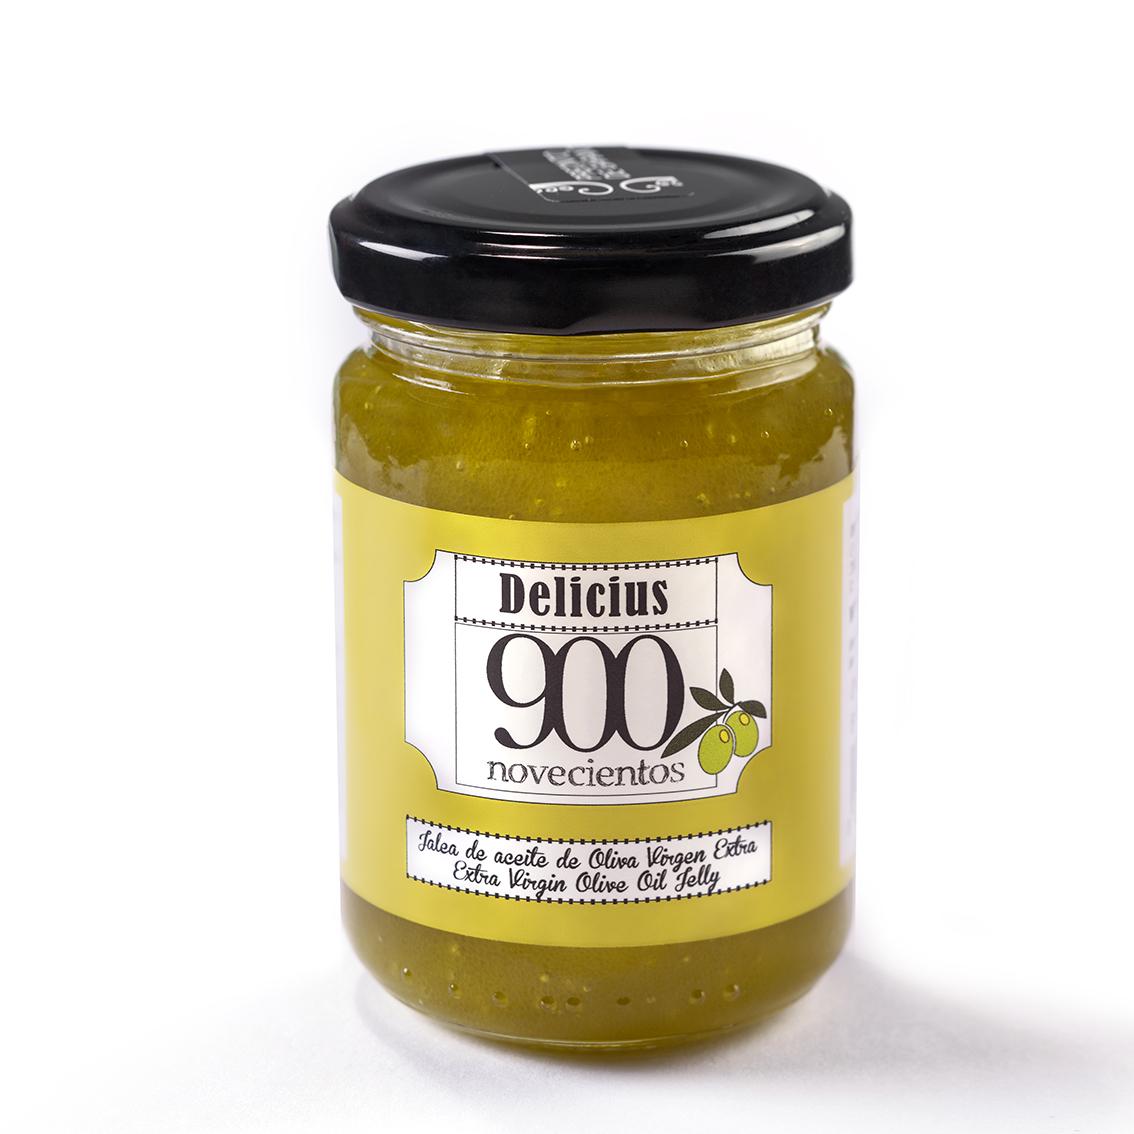 Jalea de aceite de oliva 900